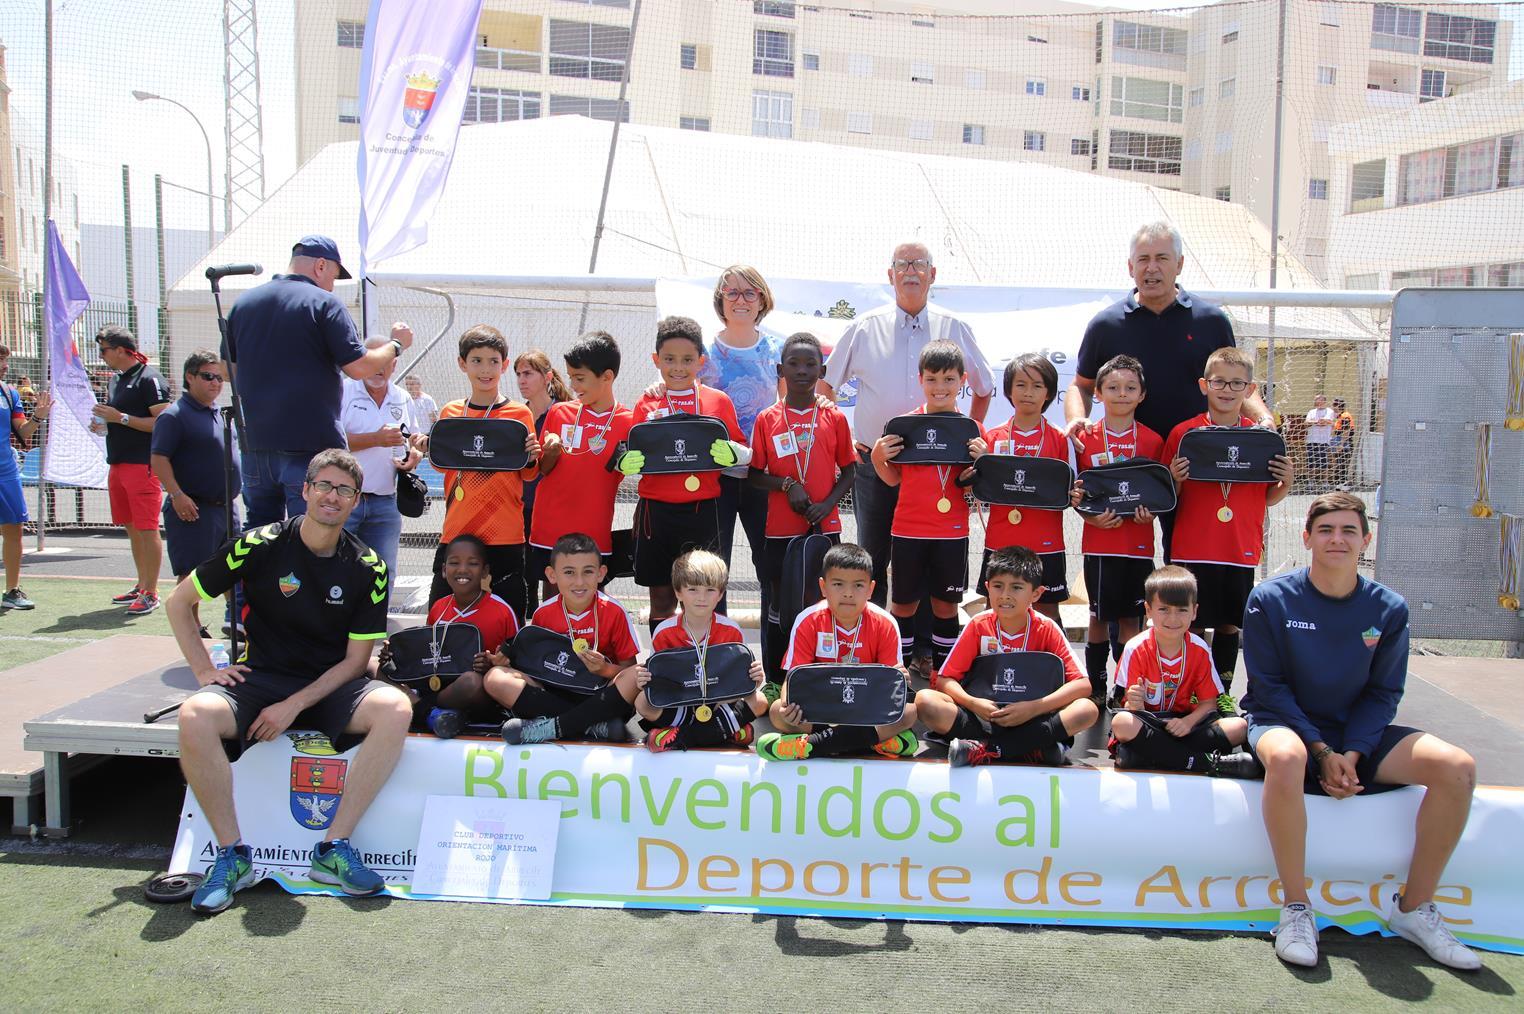 Gran clausura del Torneo Pre-Benjamín de Fútbol Ciudad de Arrecife 2019